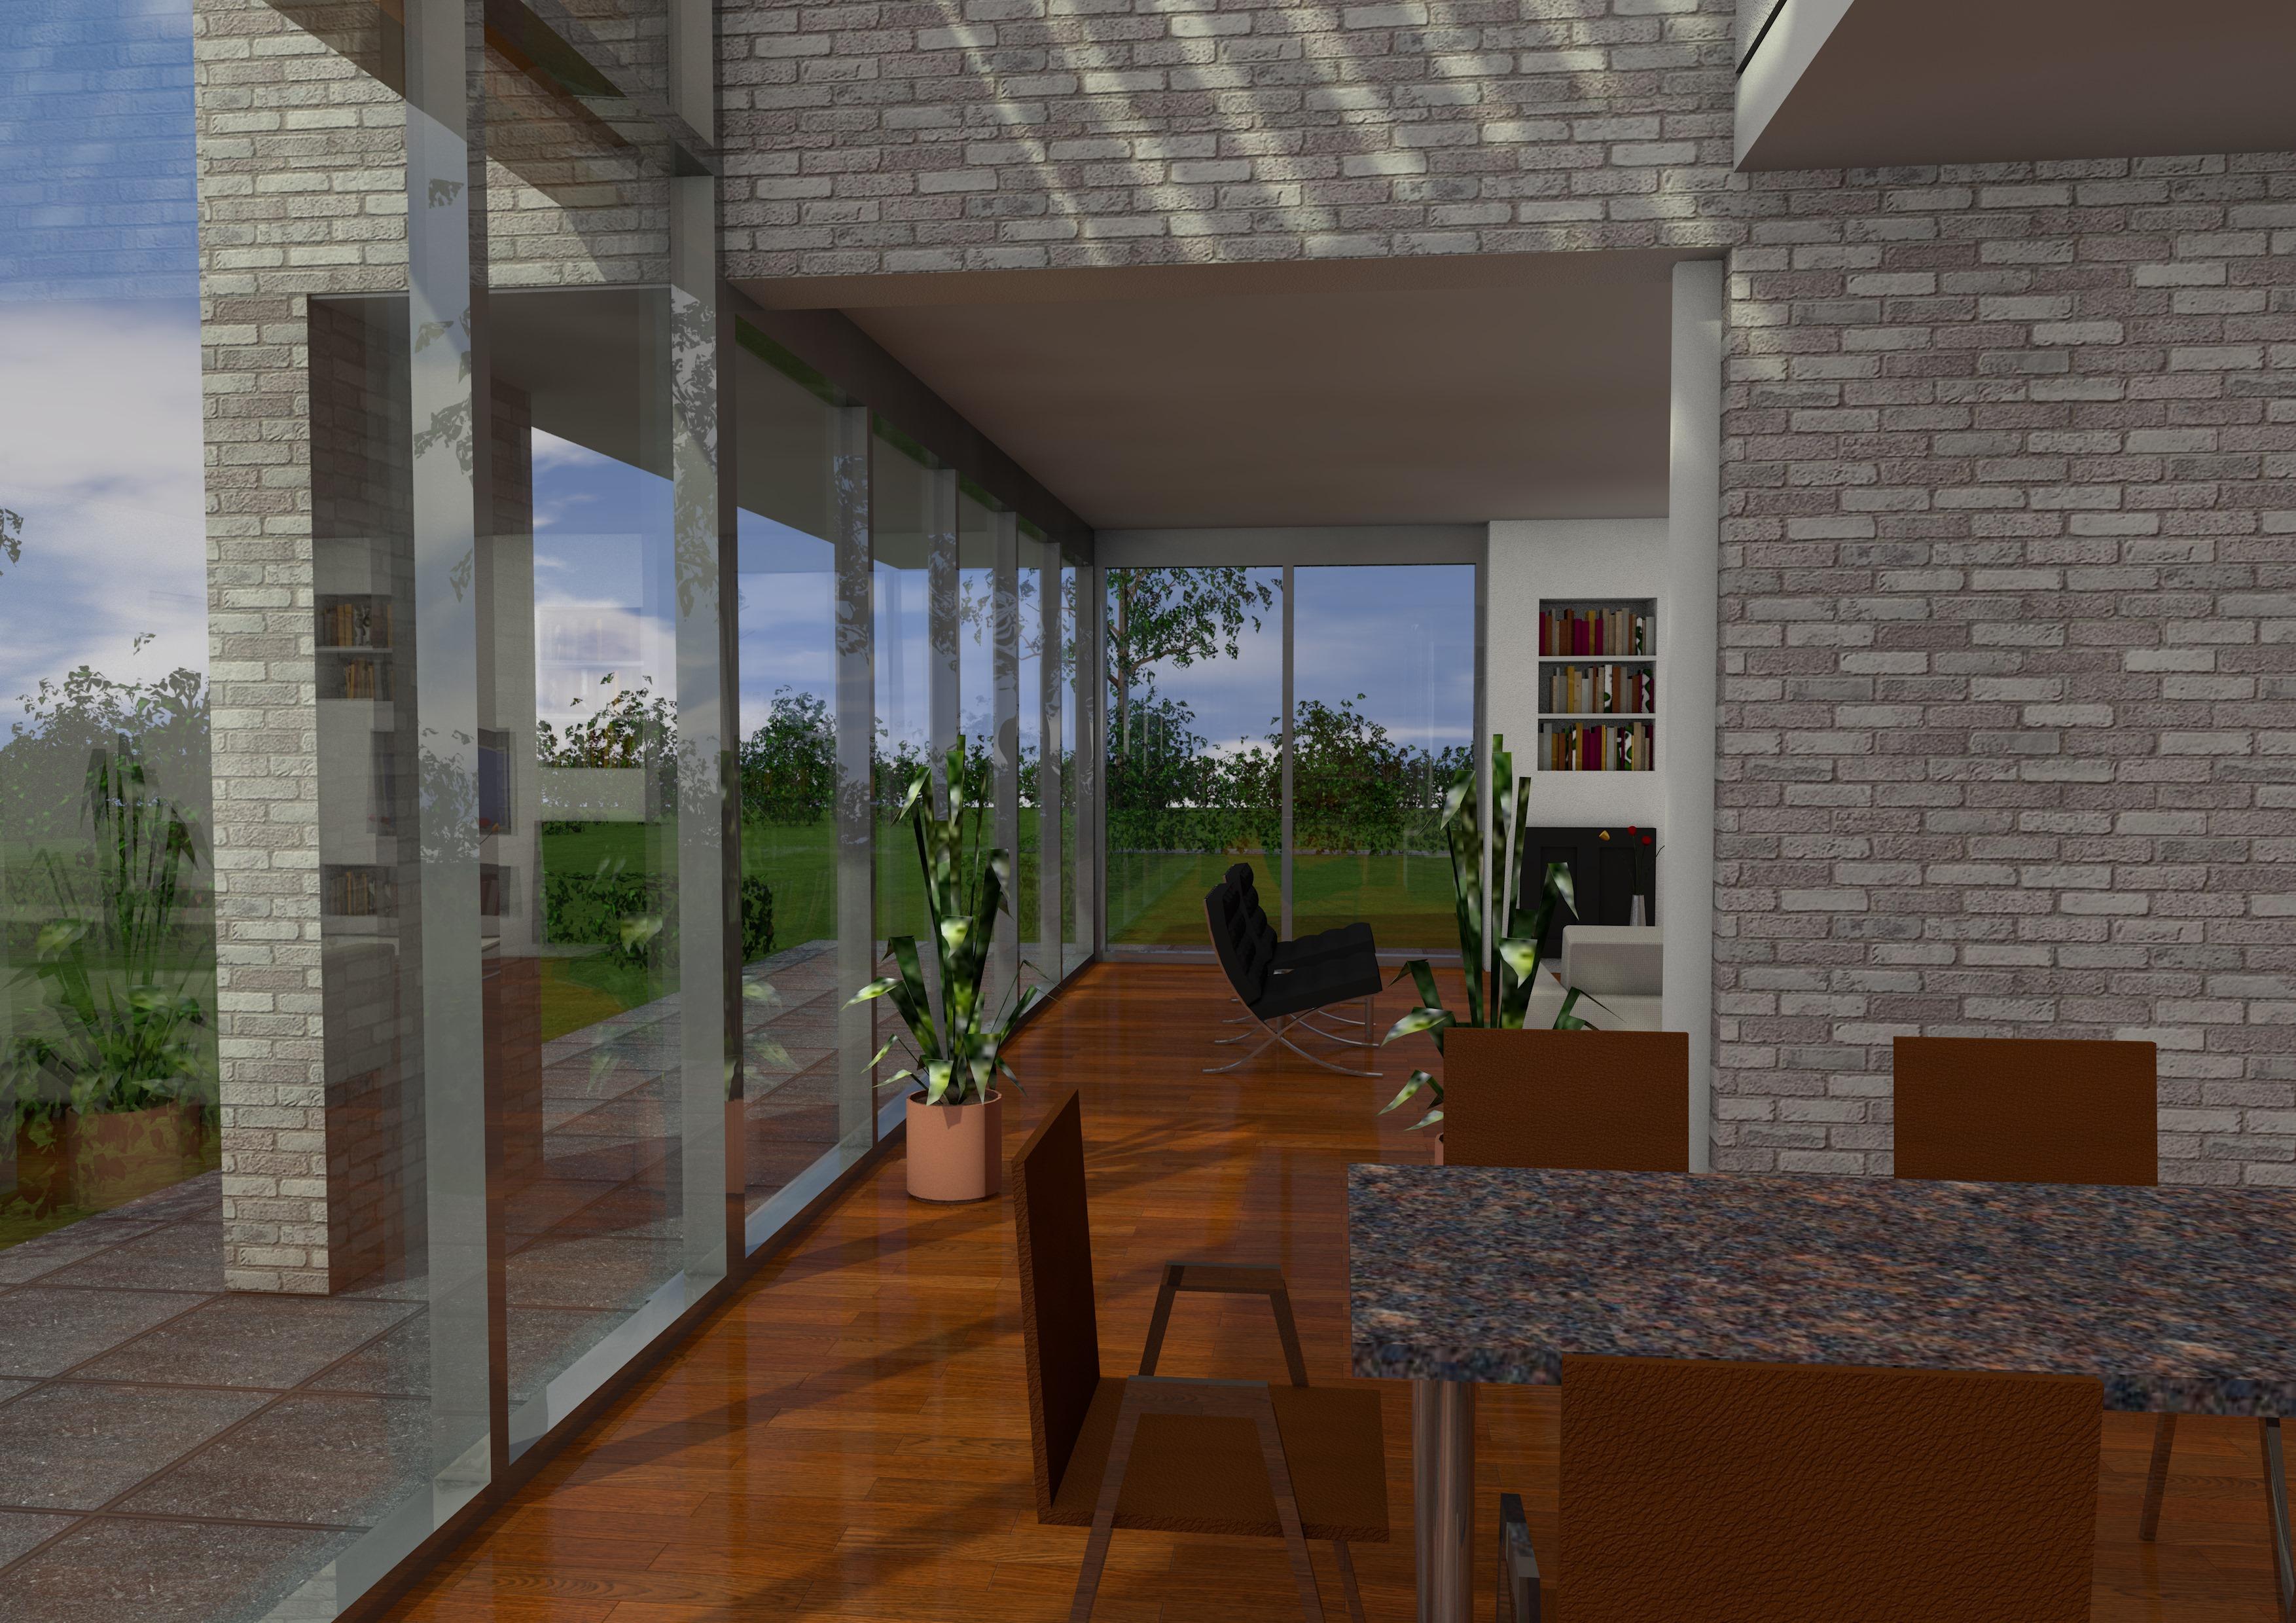 interieurview vanuit eetkamer naar woonkamer